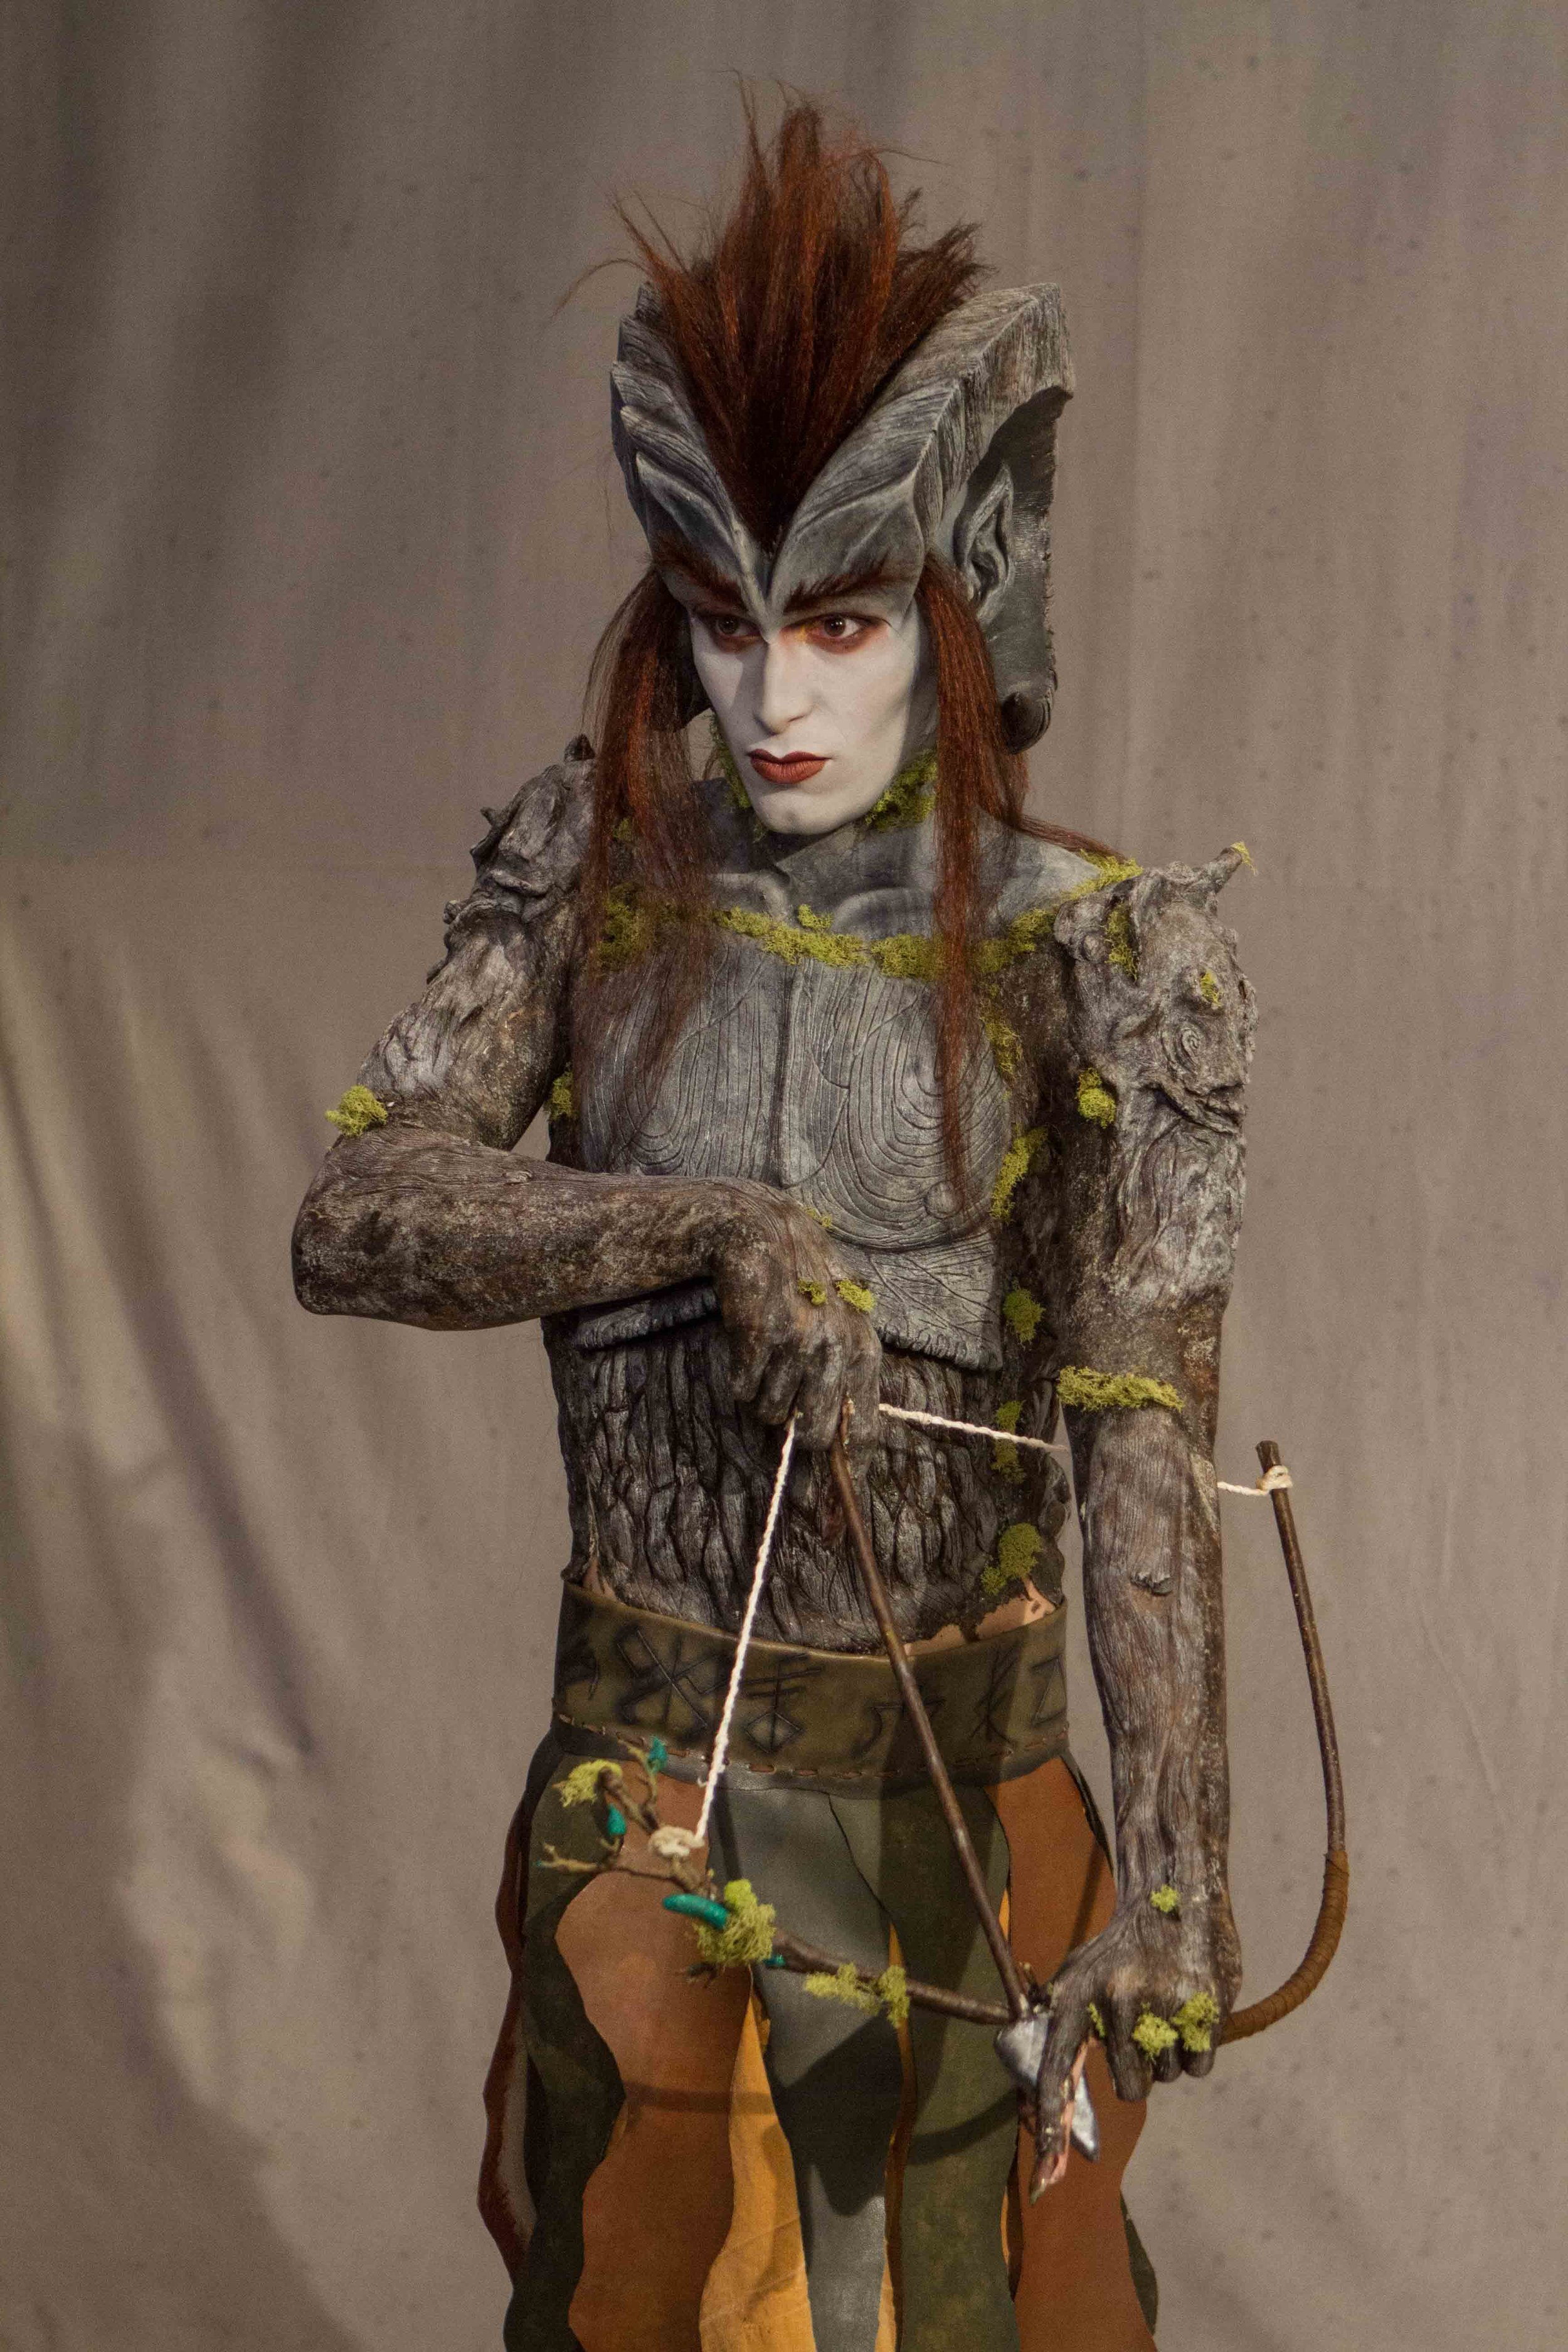 IMATS 2017 - Special Effects Makeup (www.KyleReaArt.com - www.KyleReaPhotography.com) 5.jpg